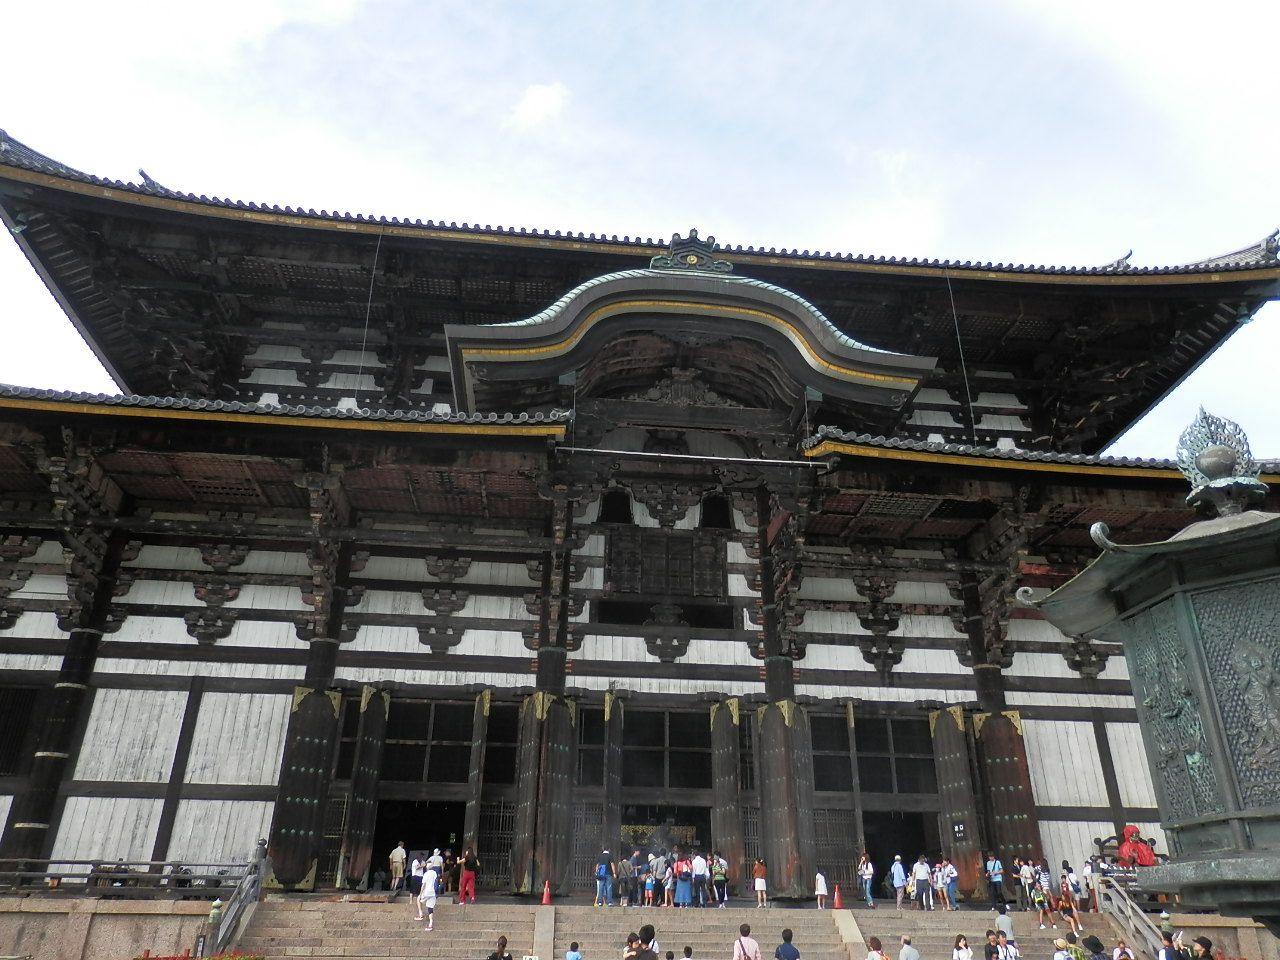 東大寺の歴史に聖武天皇の苦悩が見え隠れする